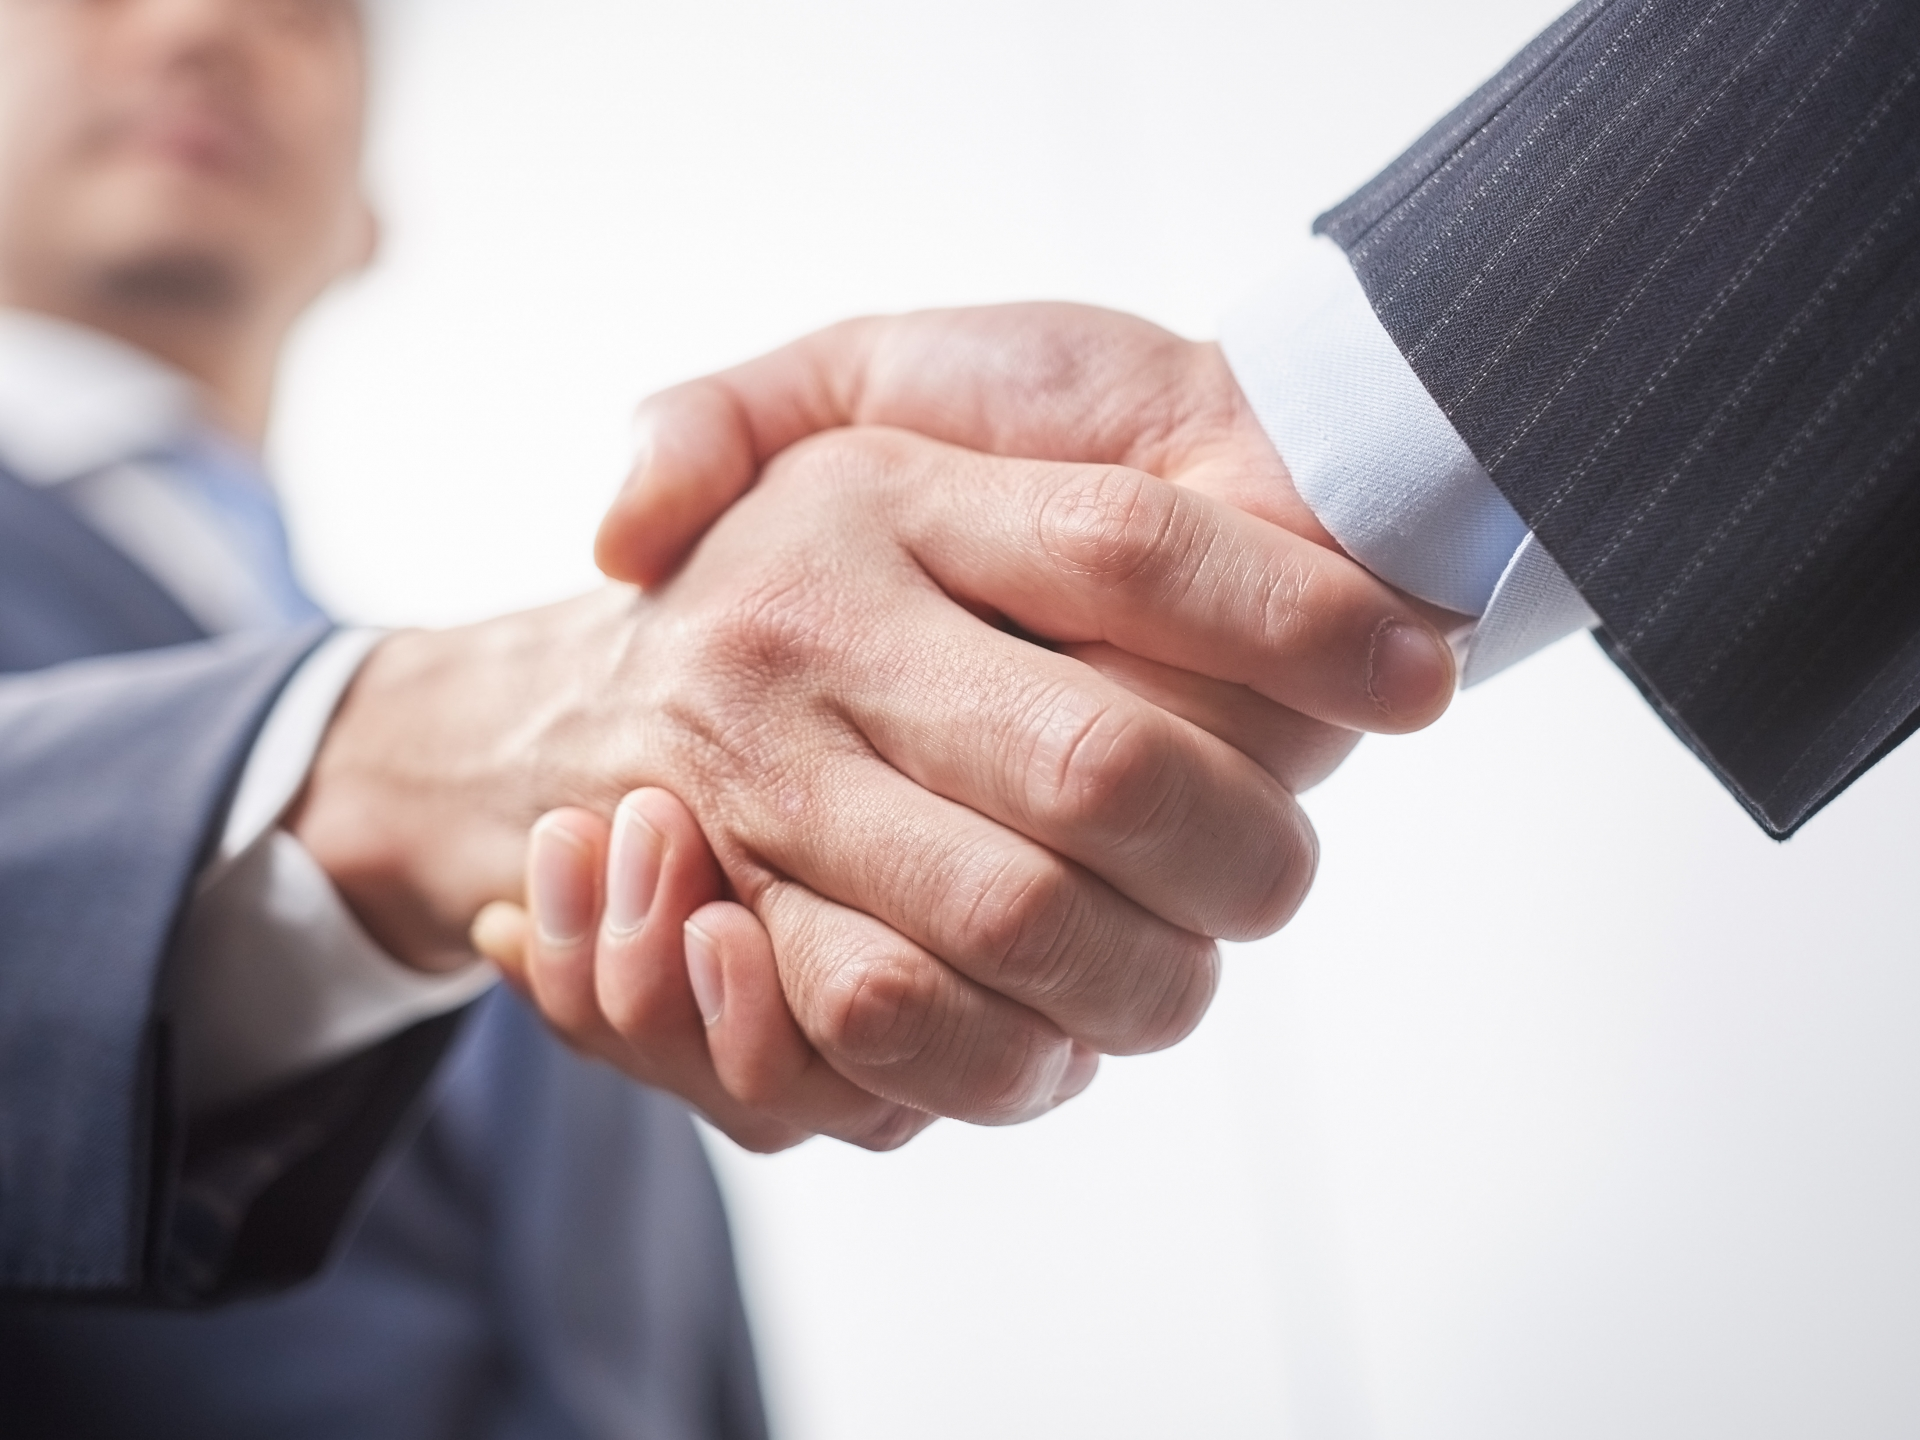 握手した手